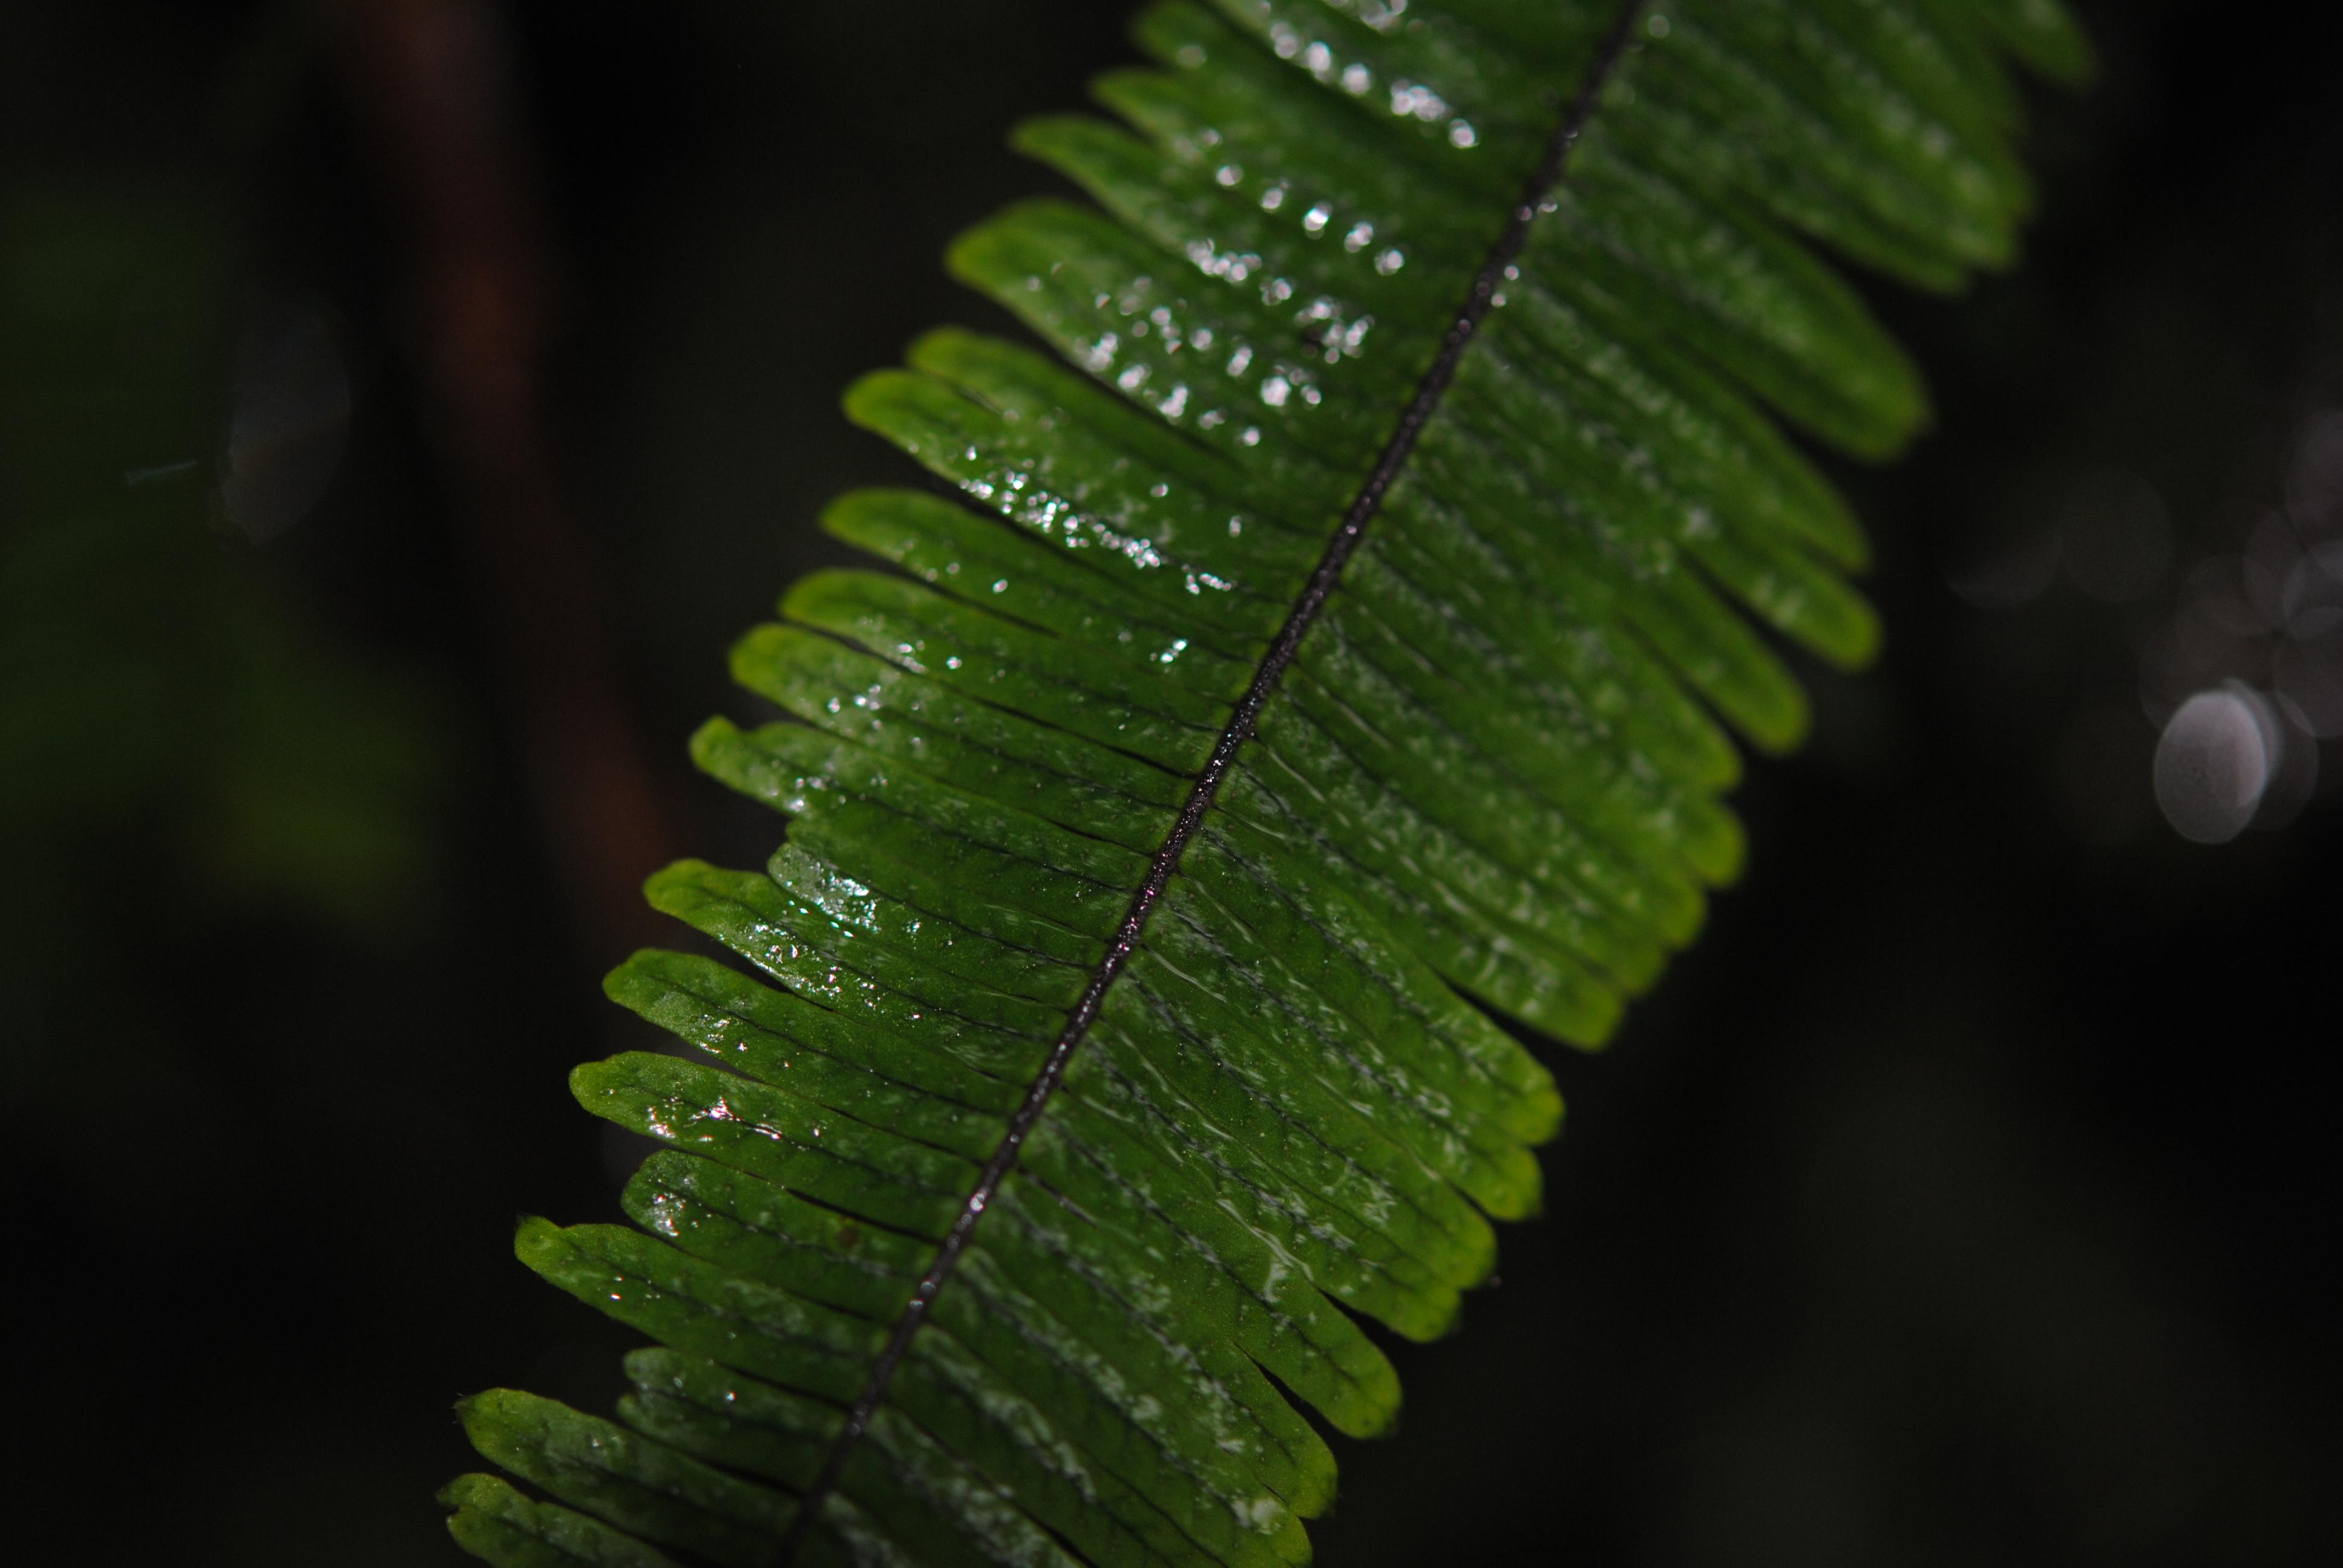 Mycopteris taxifolia